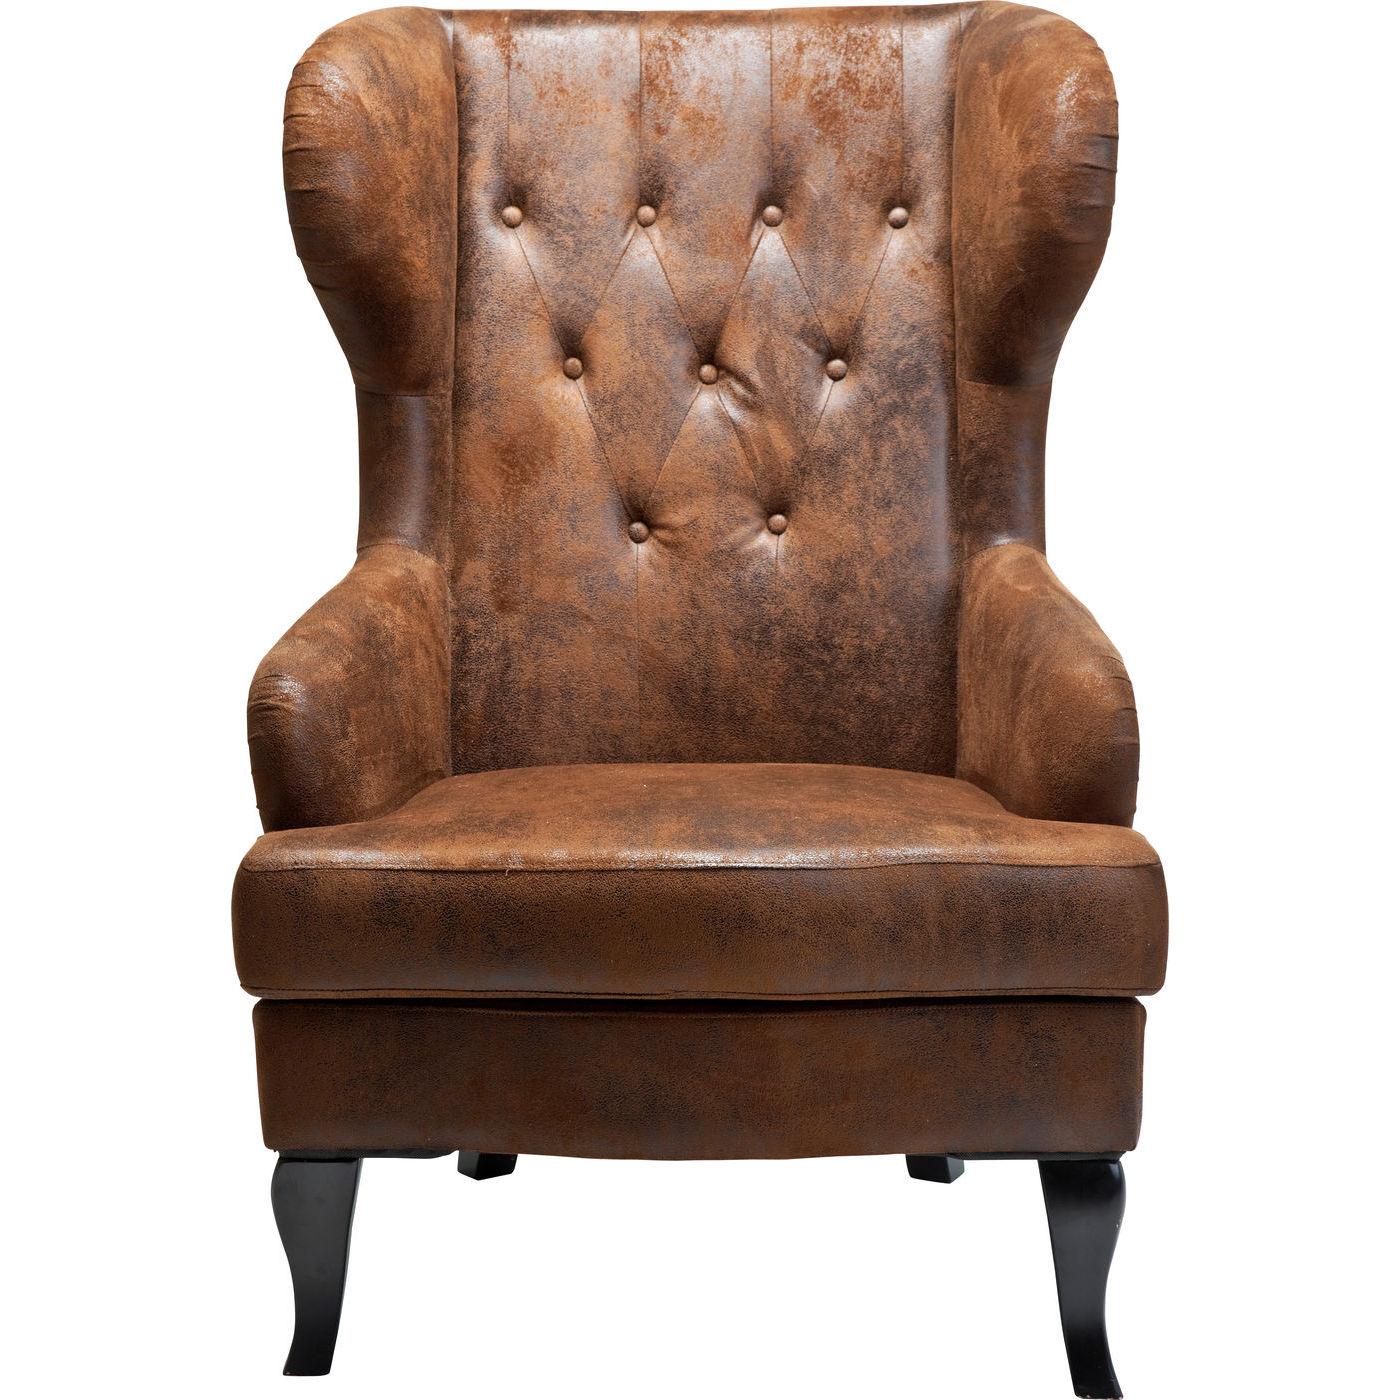 KARE DESIGN Vintage hvilestol - brunt kunstlder, m. armln